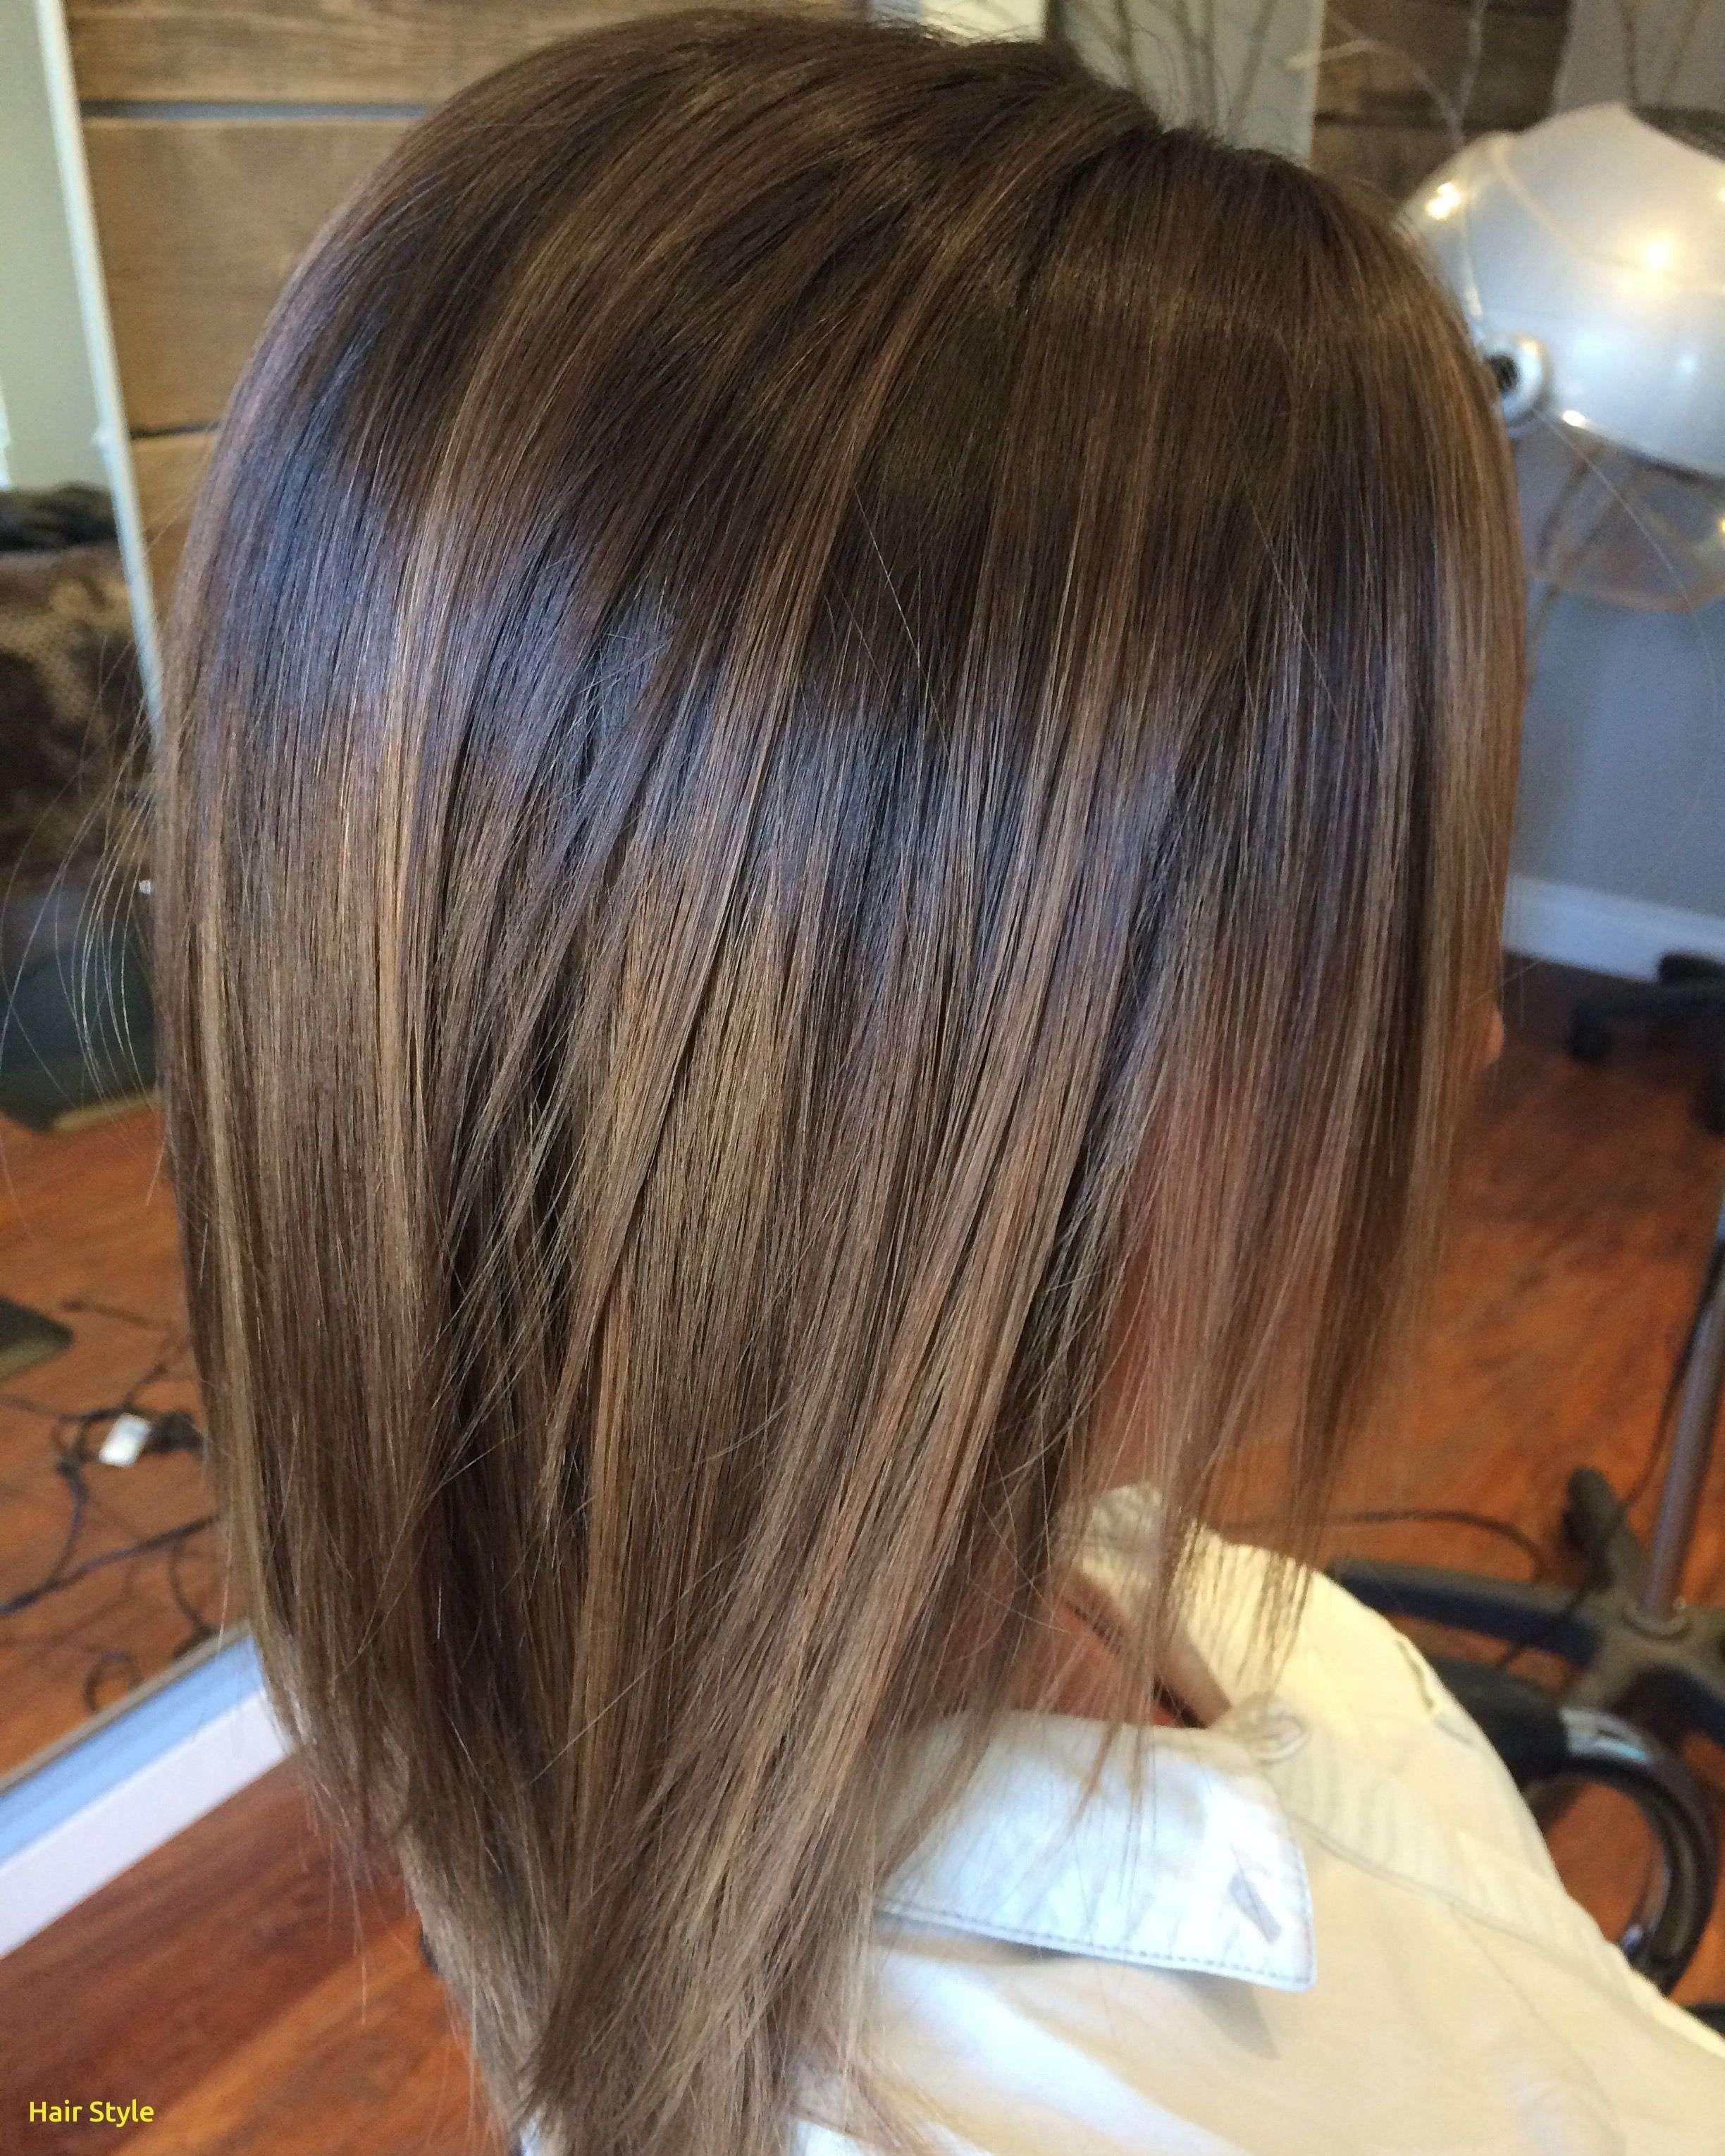 Neue Haarfarbe Trends 2019 Hair Hair Hair Styles Balayage Brunette